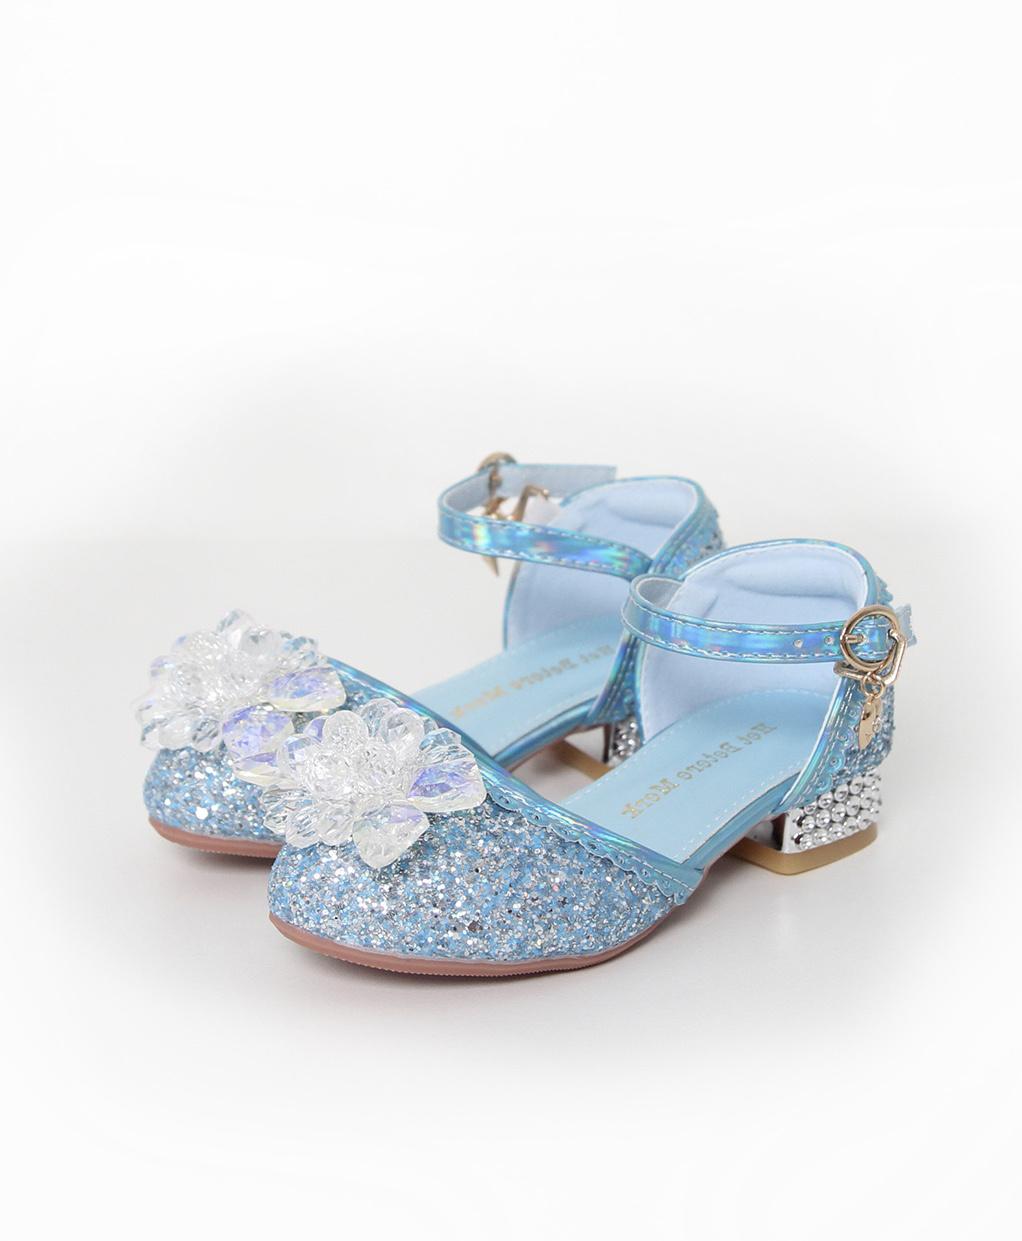 Het Betere Merk Elsa / Anna schoenen - Prinsessen schoenen - Verkleedschoenen   Blauw + Toverstaf + Kroon maat 26, 27, 28, 29, 30, 31, 32, 33, 34, 35 - MAAK UW KEUZE  STAF + KROON